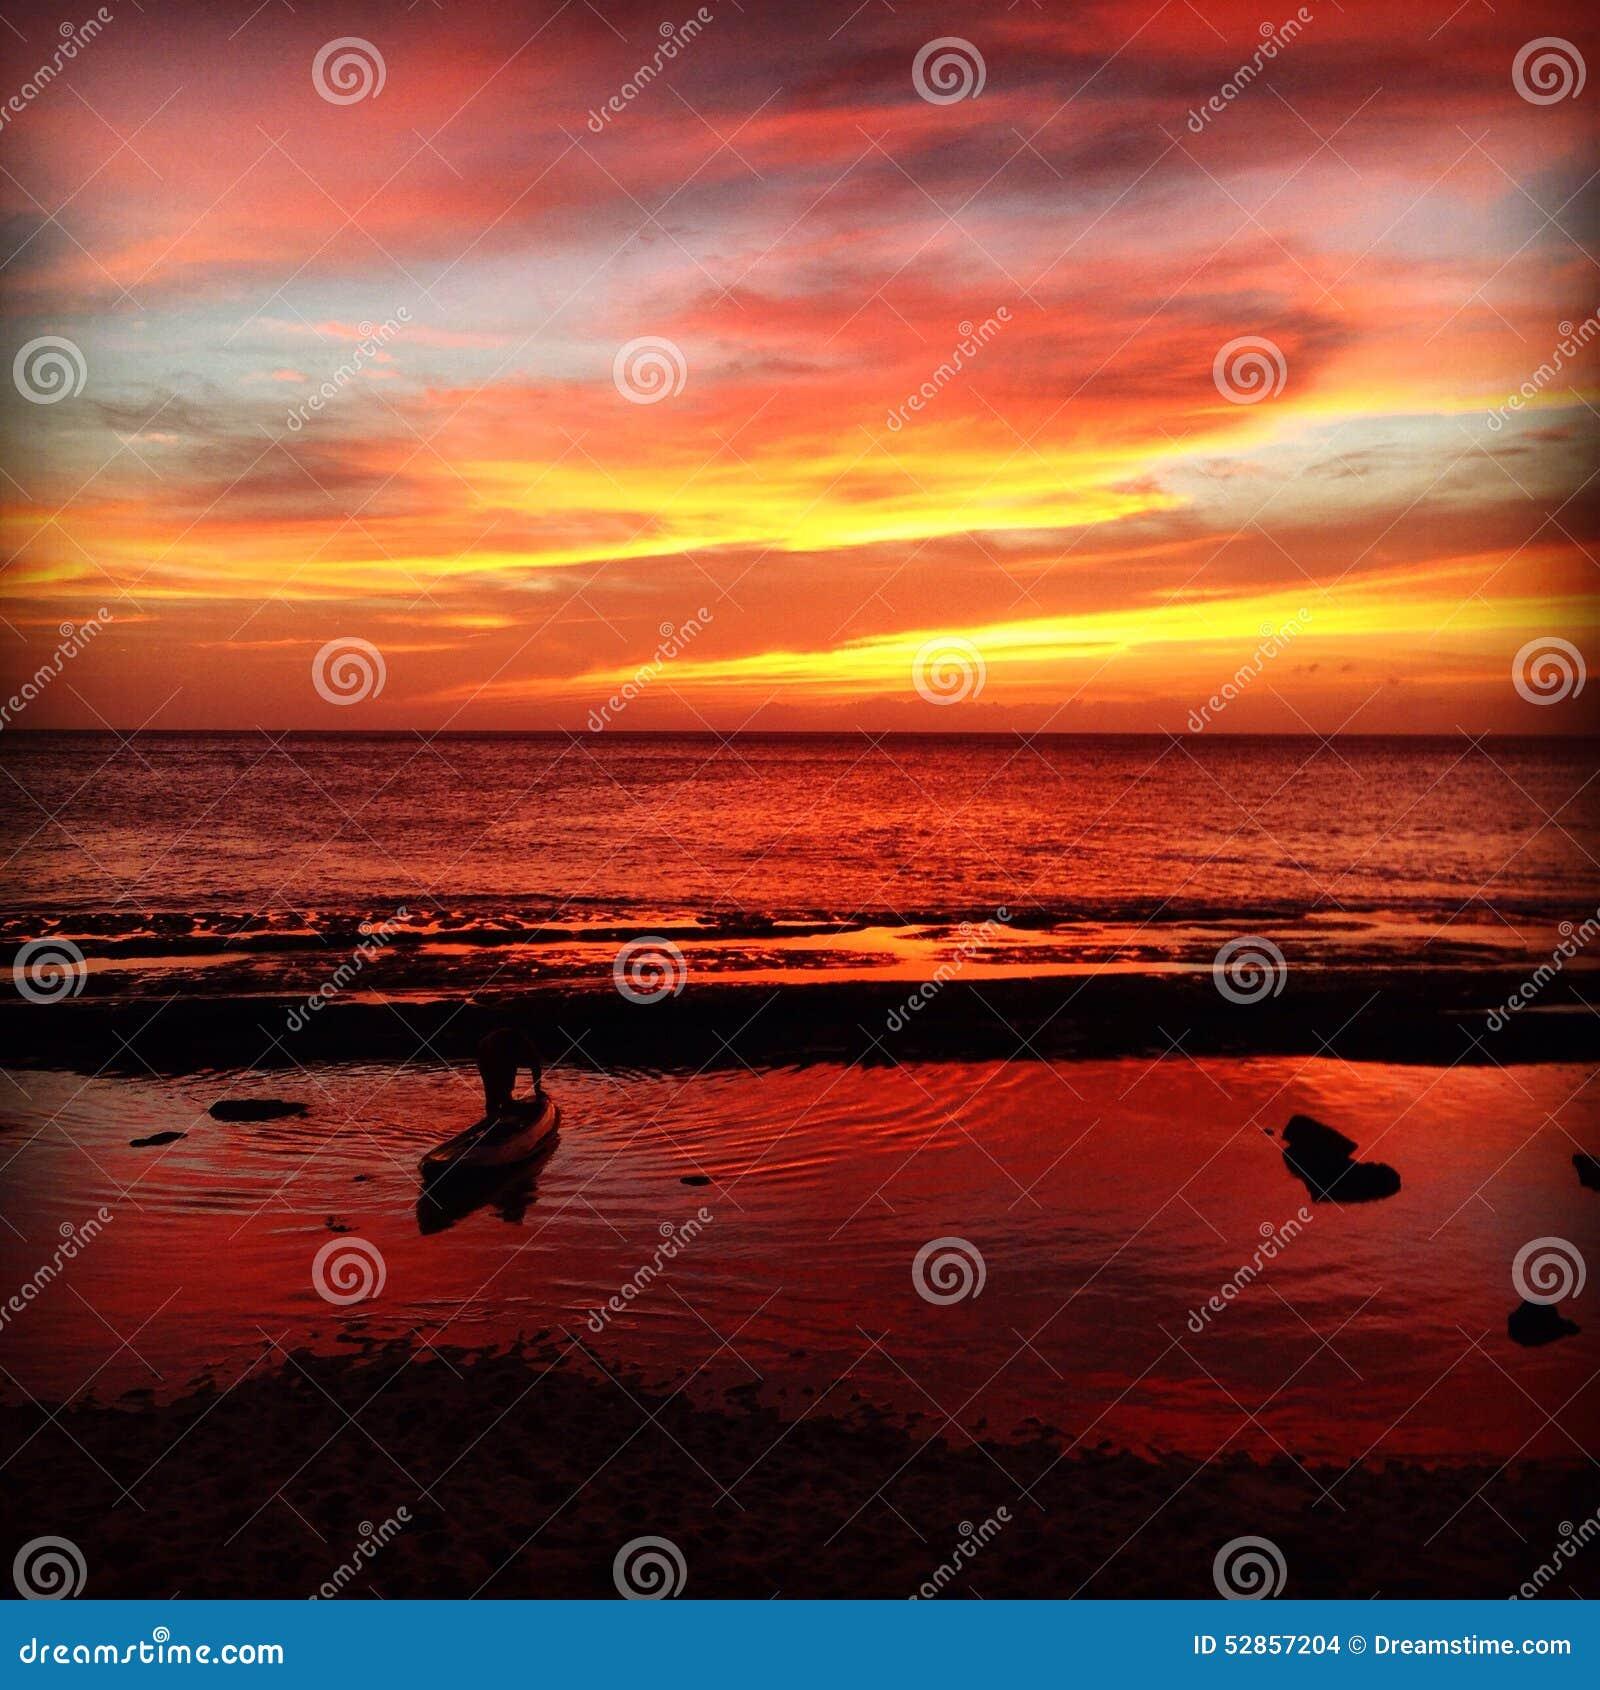 Cielo Rosso Di Notte.Cielo Rosso A Piacere Del Marinaio Di Notte Fotografia Stock